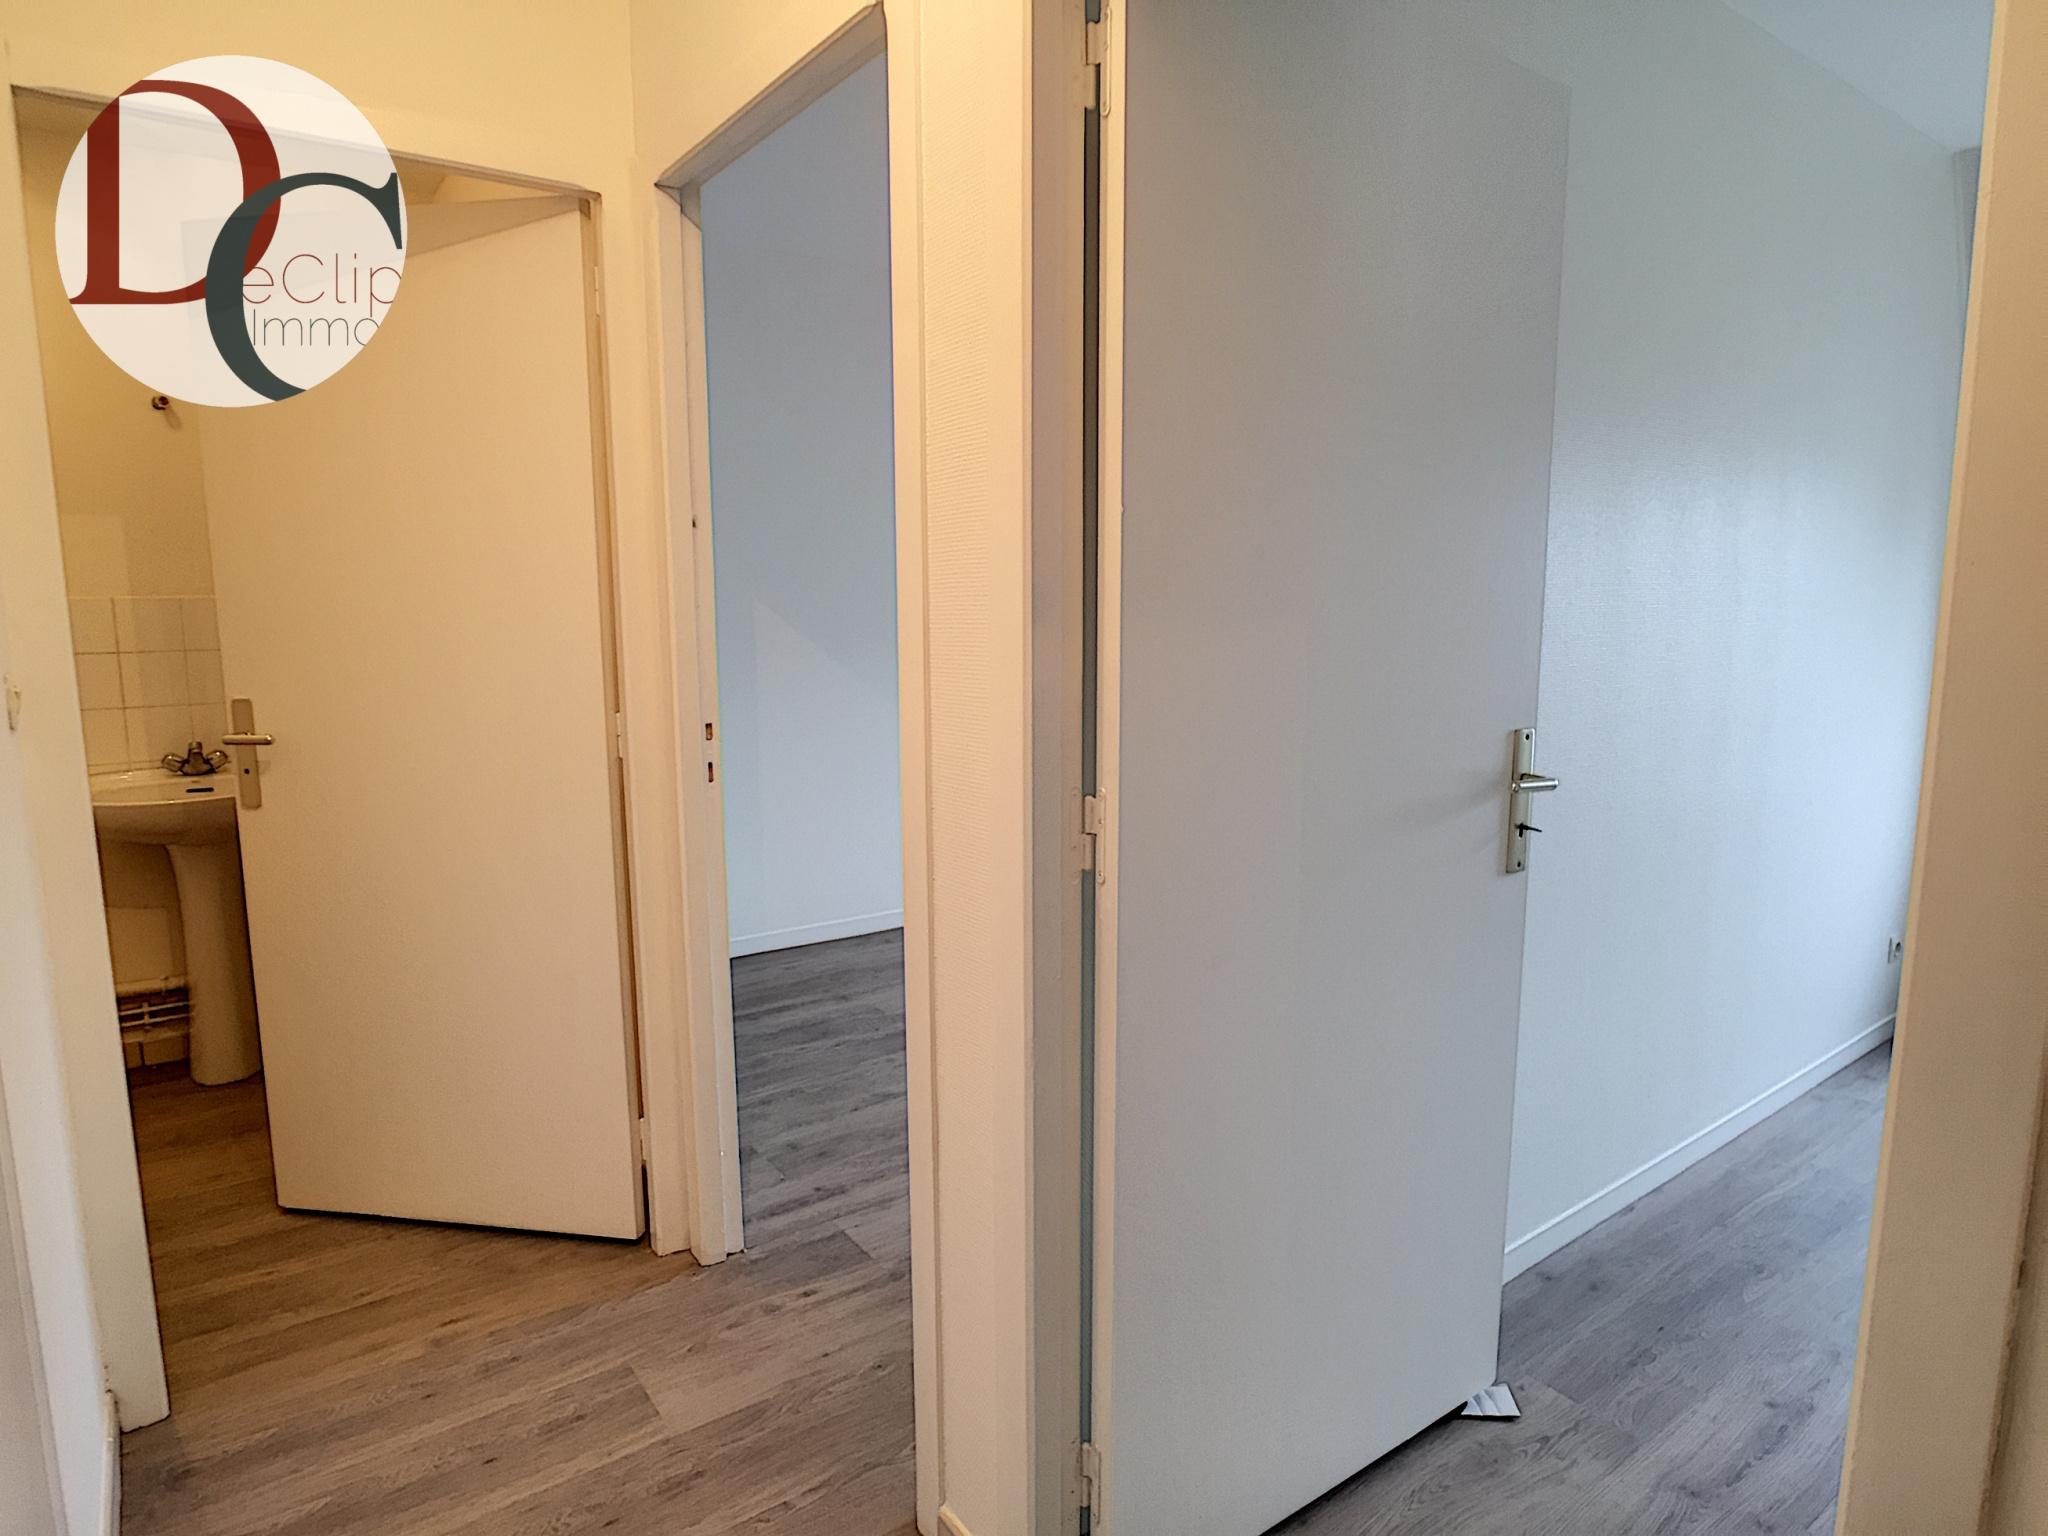 espace nuit avec 2 chambres, salle de bains et wc indépendant